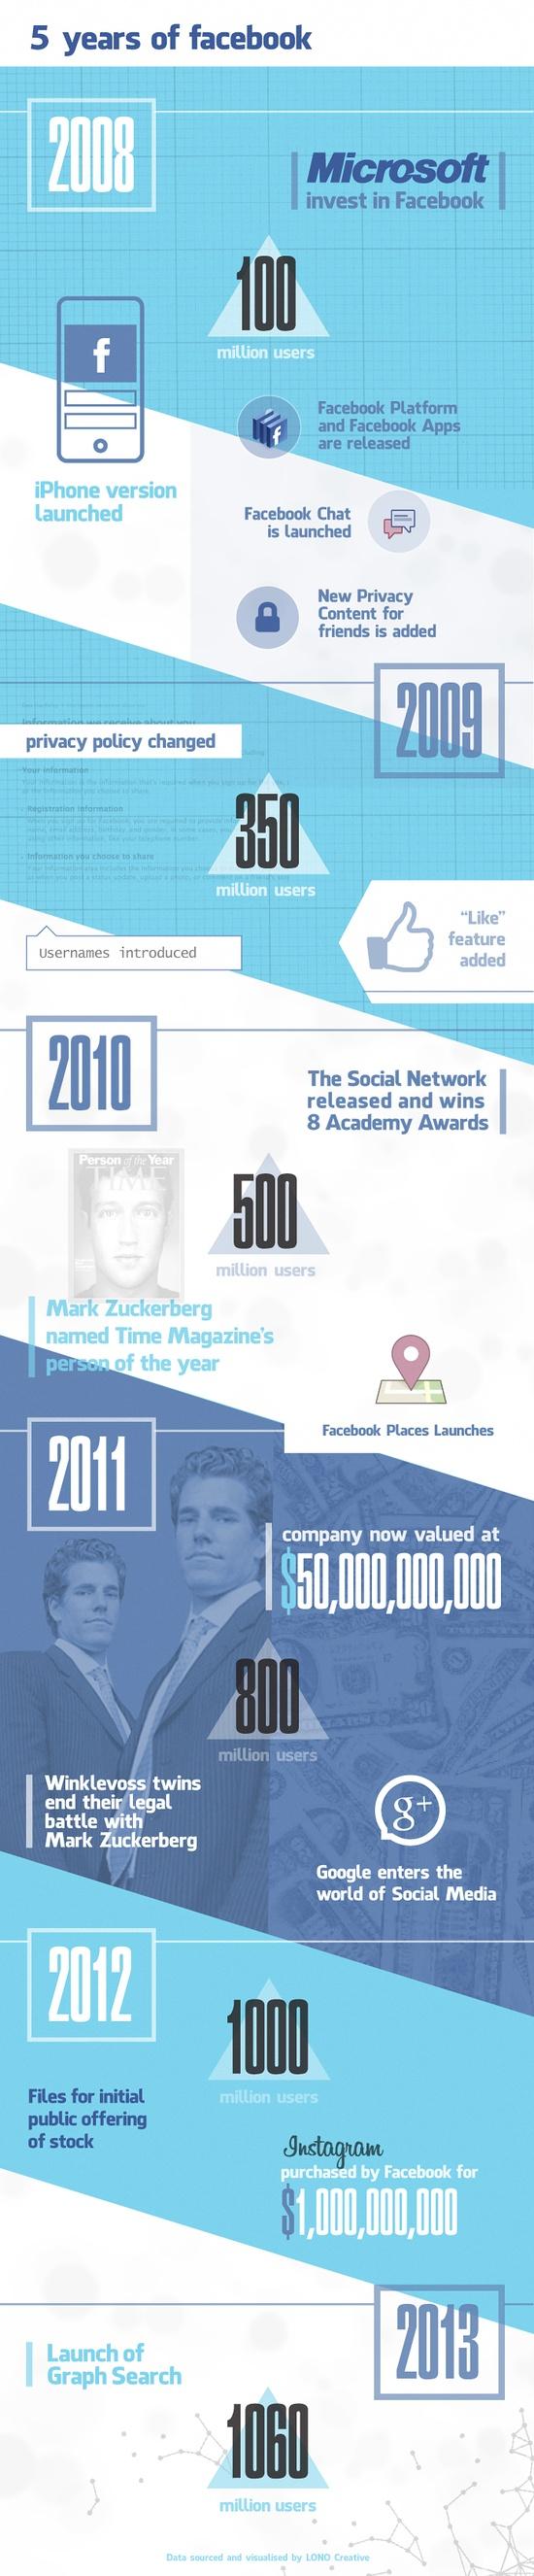 Evolución de Facebook 2008 a 2013